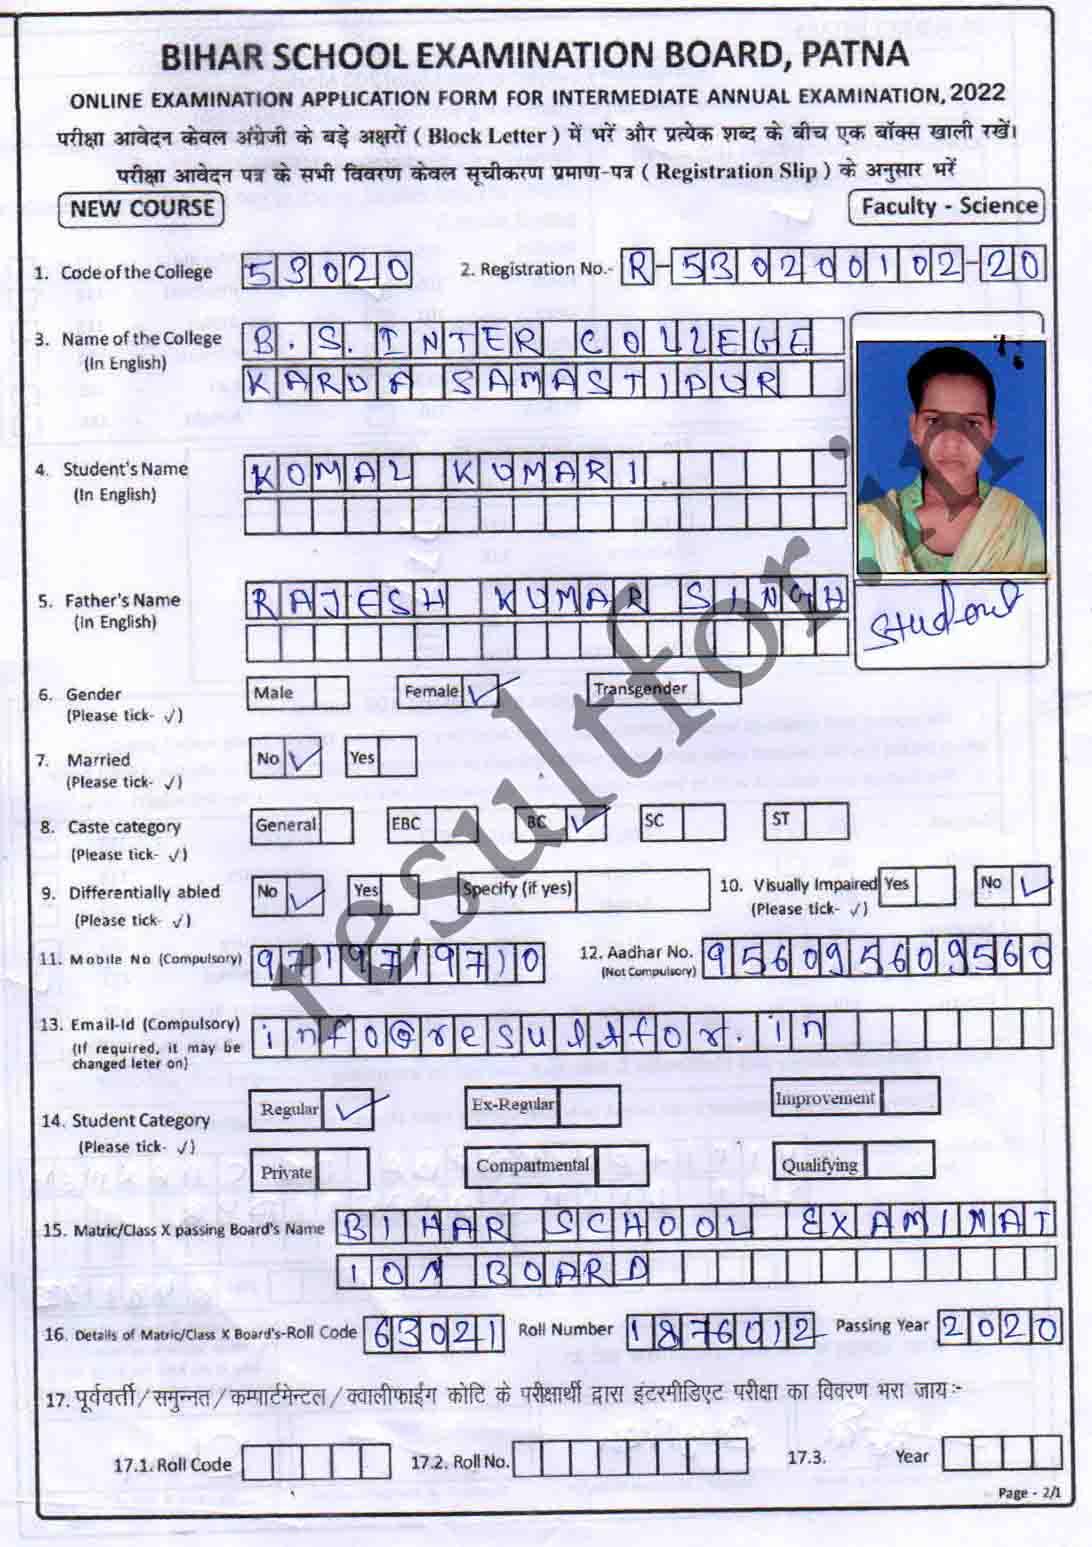 bihar board inter exam form bharne ka tarika